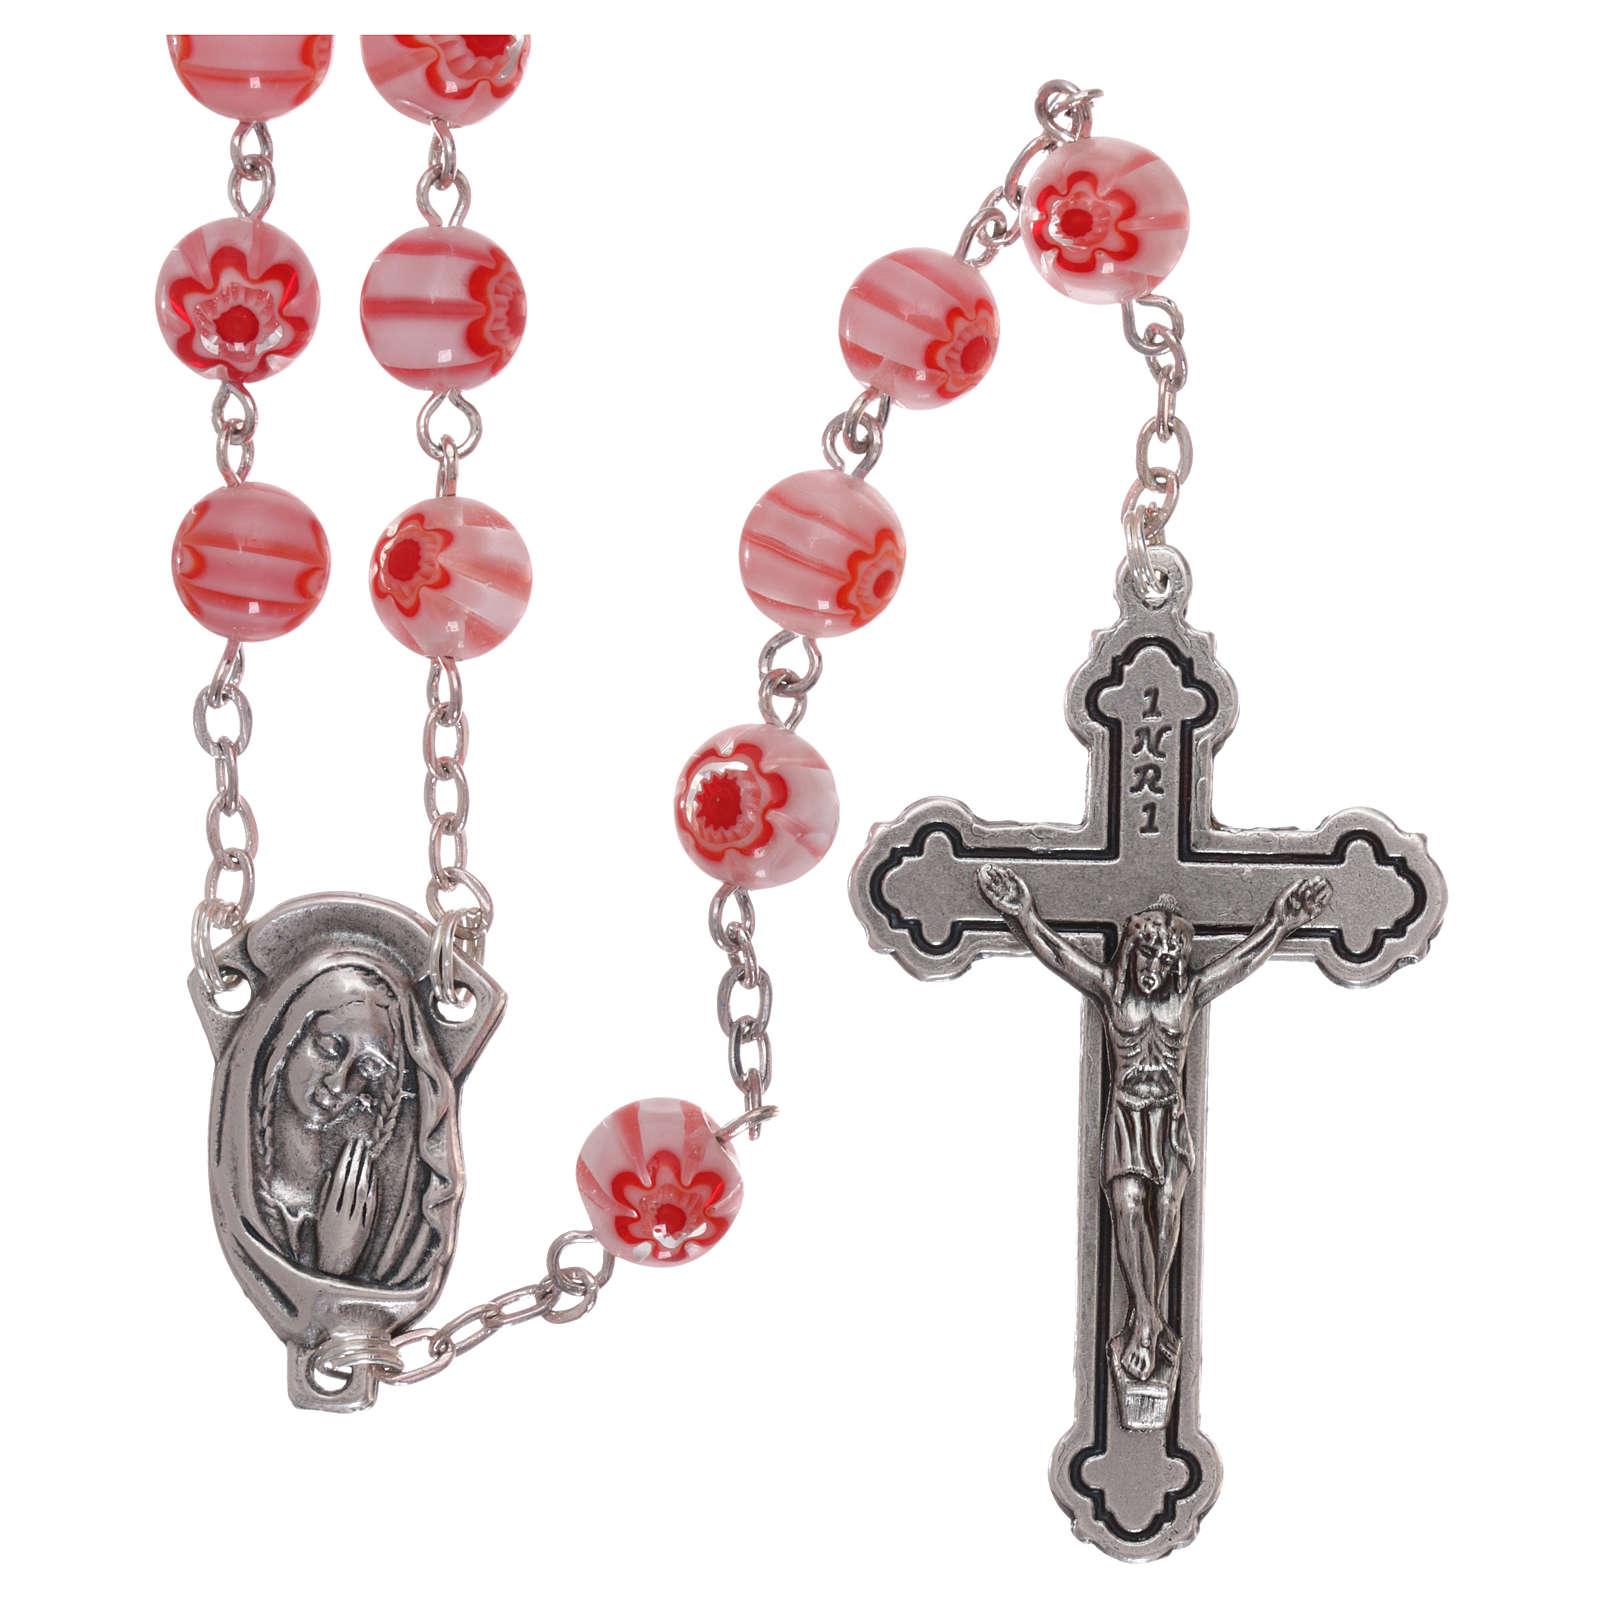 Rosario in vetro stile murrina color rosa con motivi floreali e striature 8 mm 4